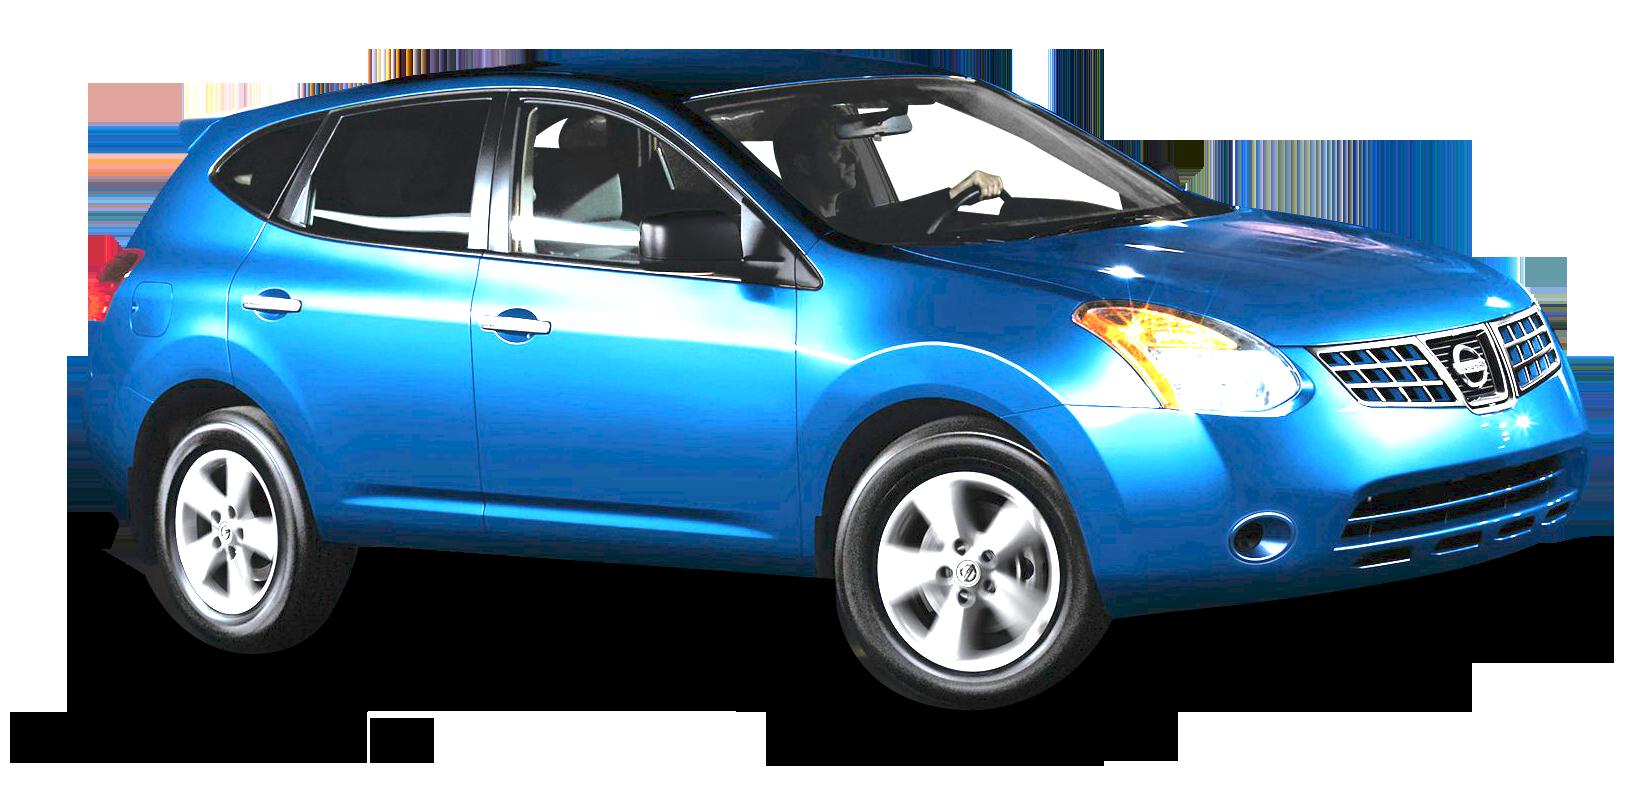 Nissan Rogue Car PNG Image